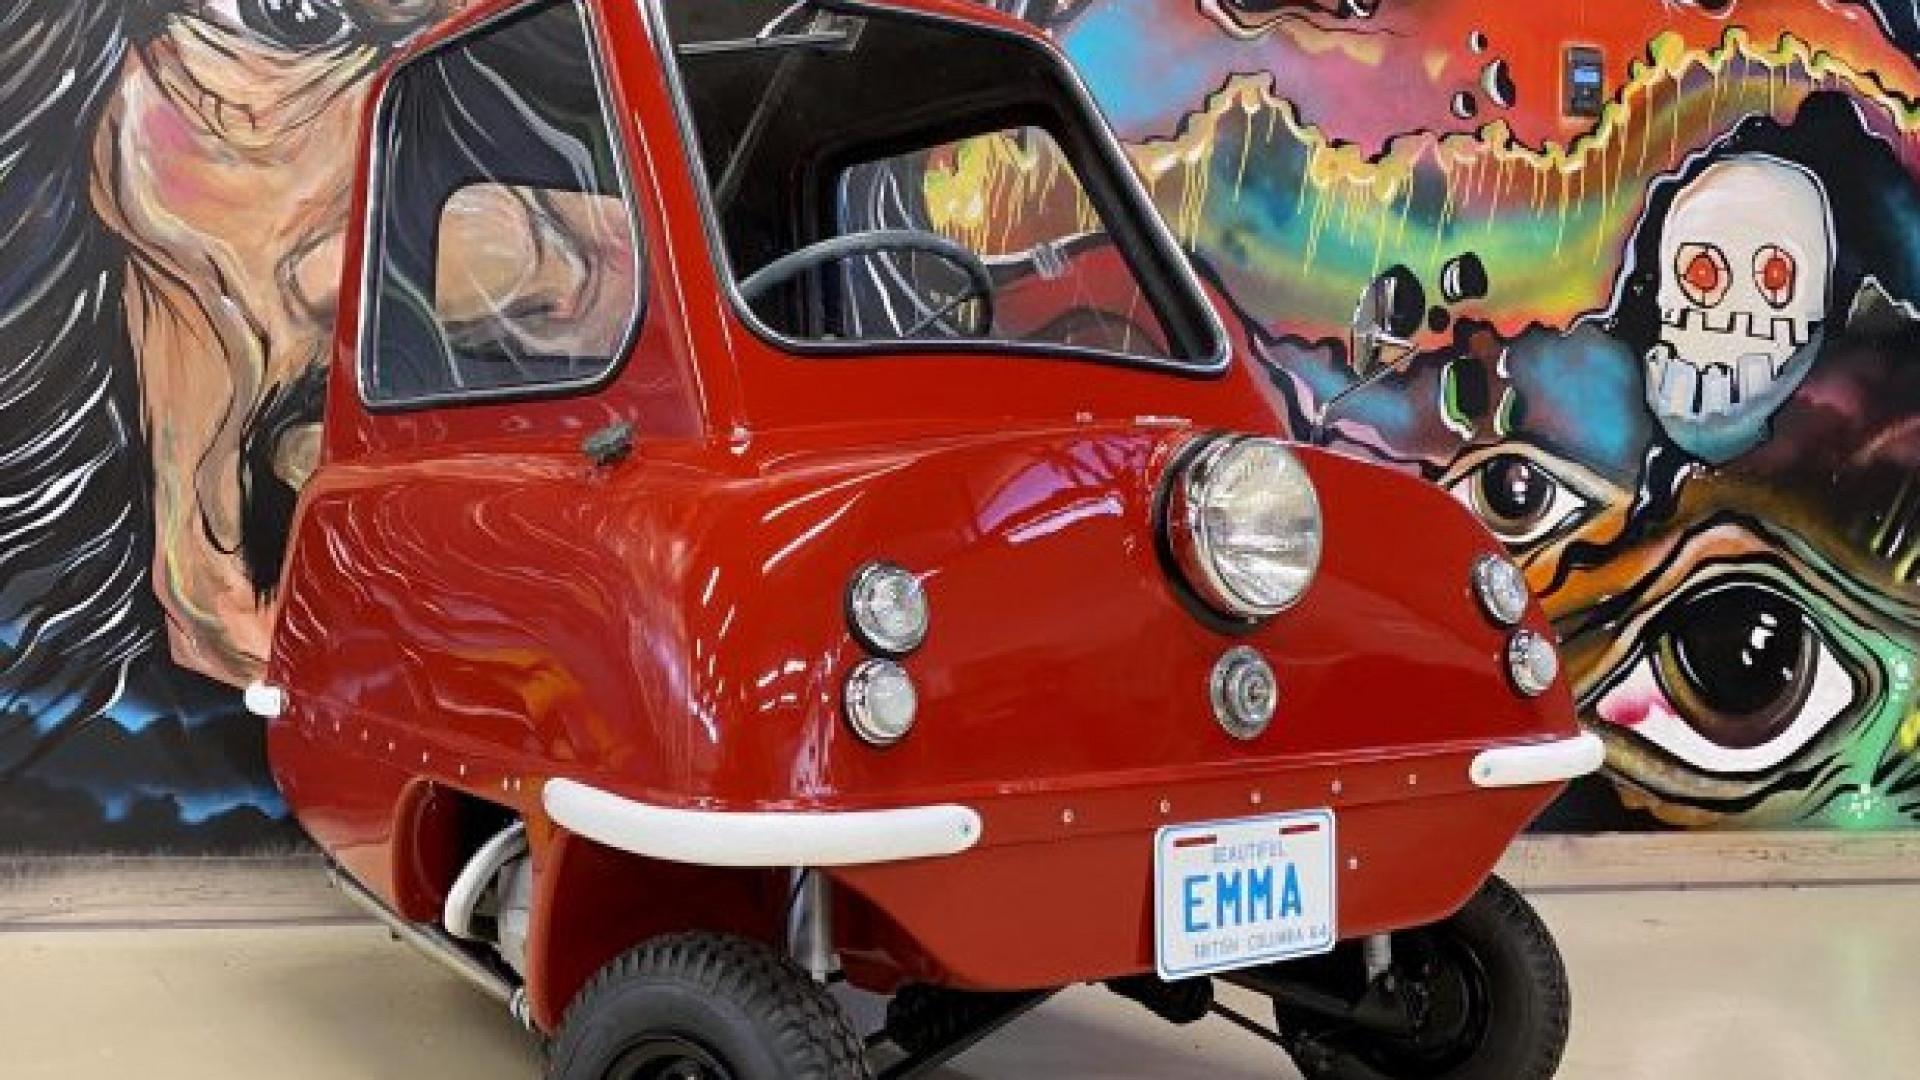 Самое маленькое авто в мире выставили на торги в Канаде ...  Самое Маленькое Животное в Мире